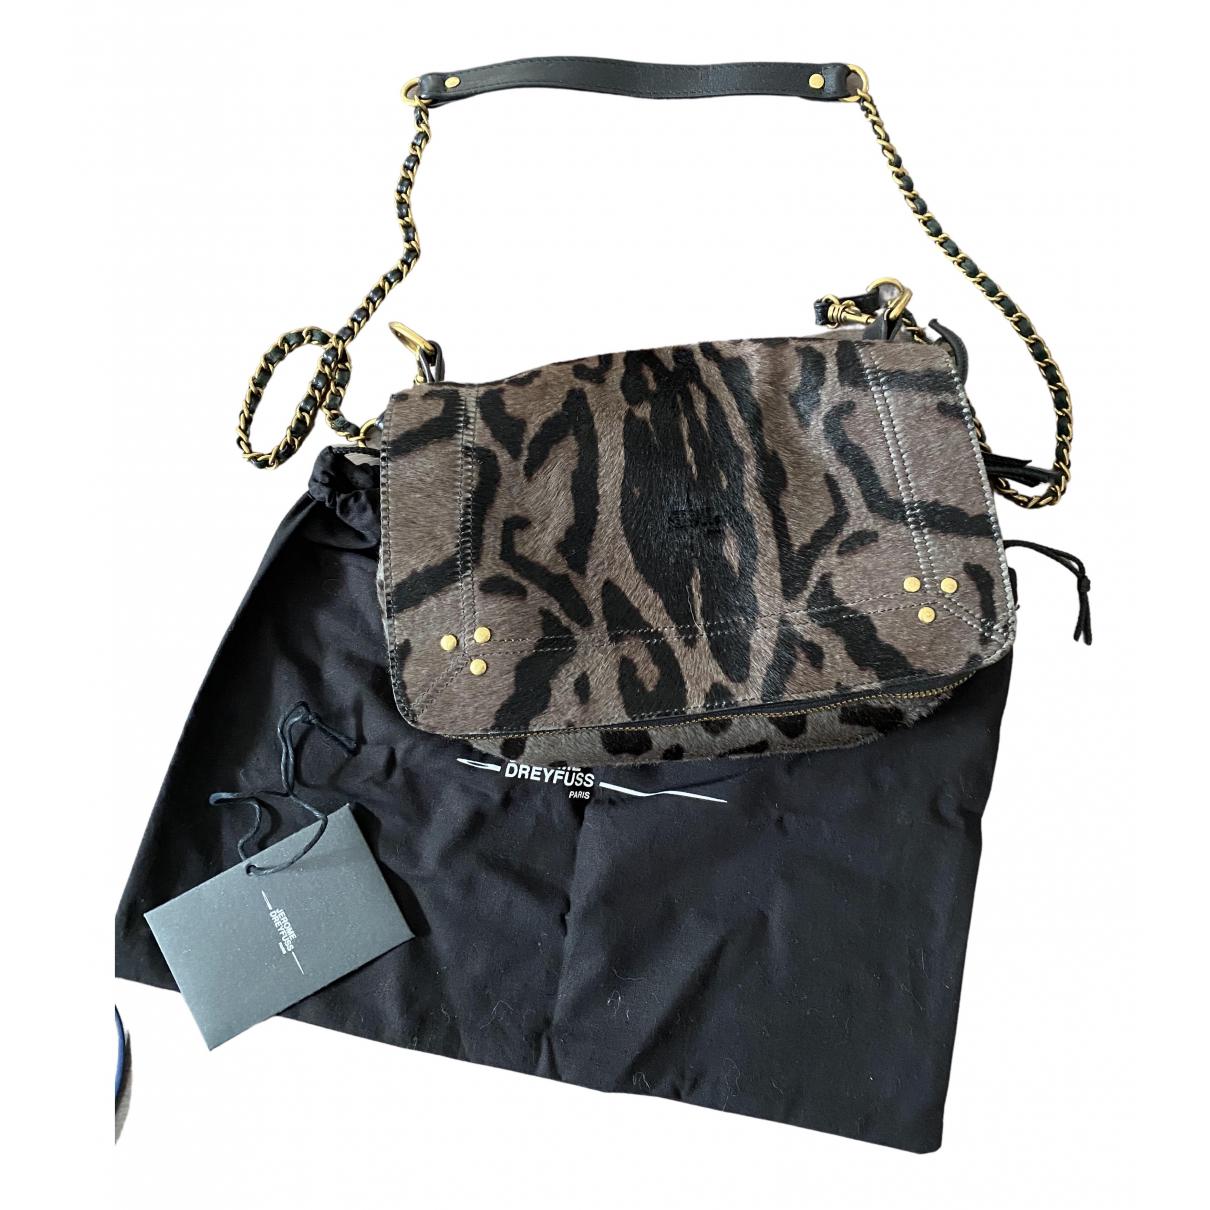 Jerome Dreyfuss Bobi Handtasche in Leder